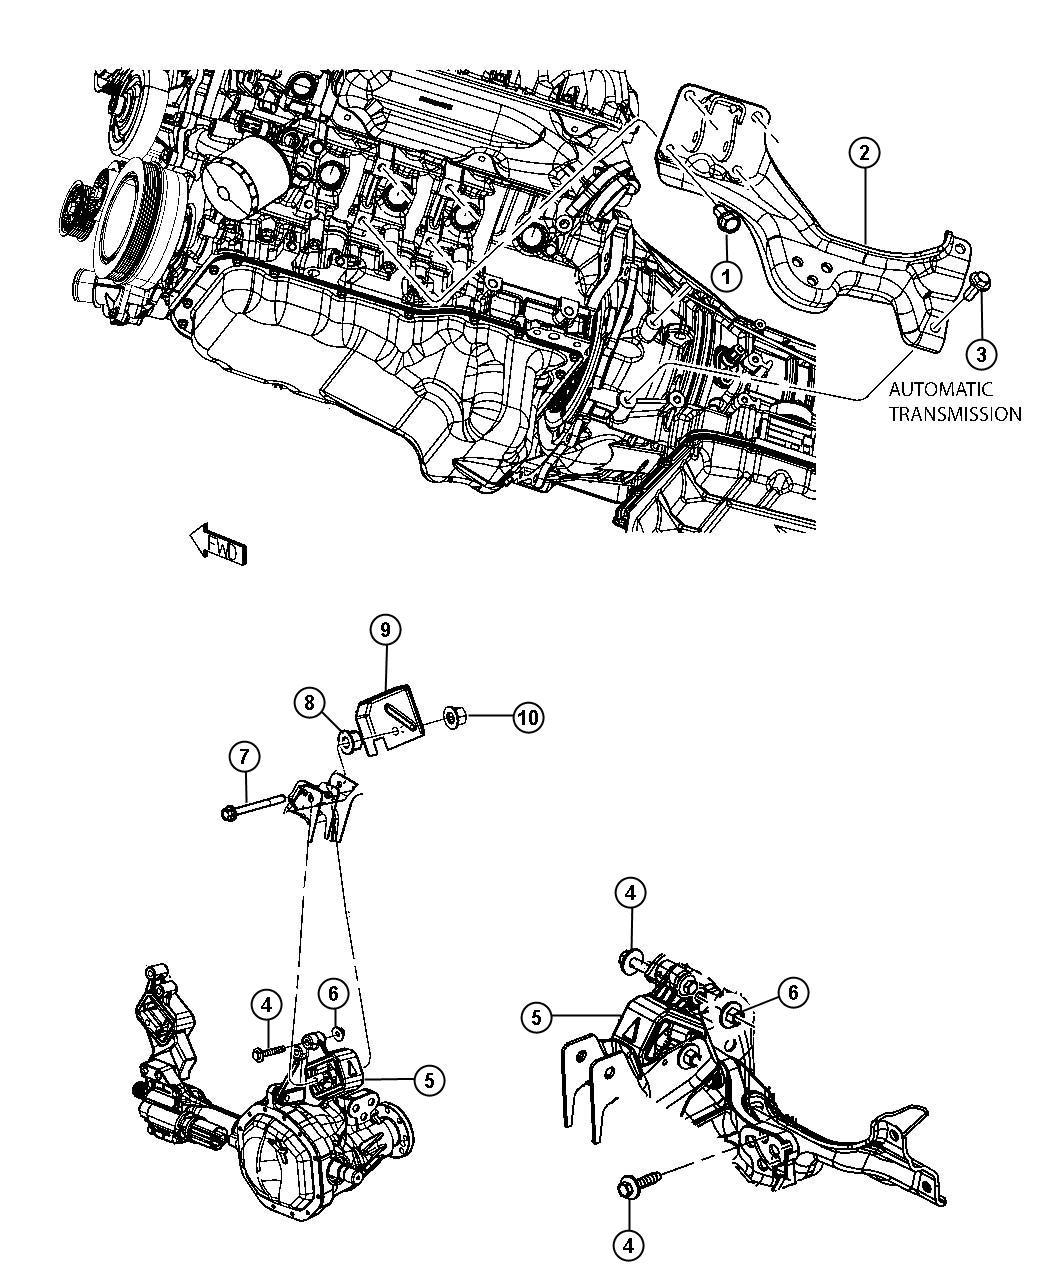 Ram Heat Shield Shield Engine Mount Left Side